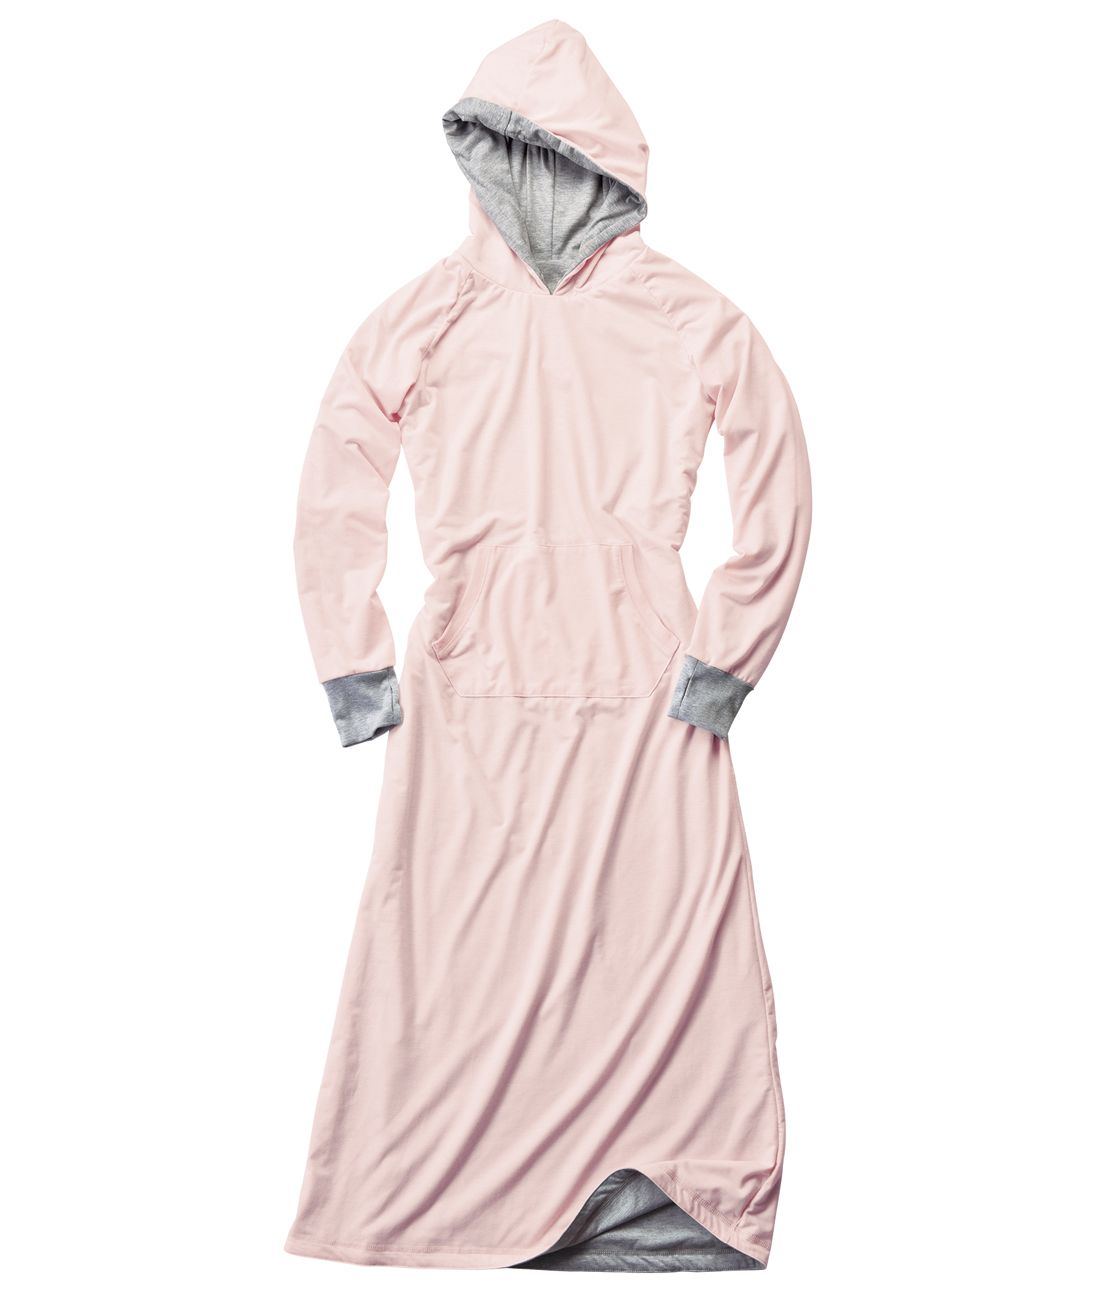 Burning sauna maxi dress